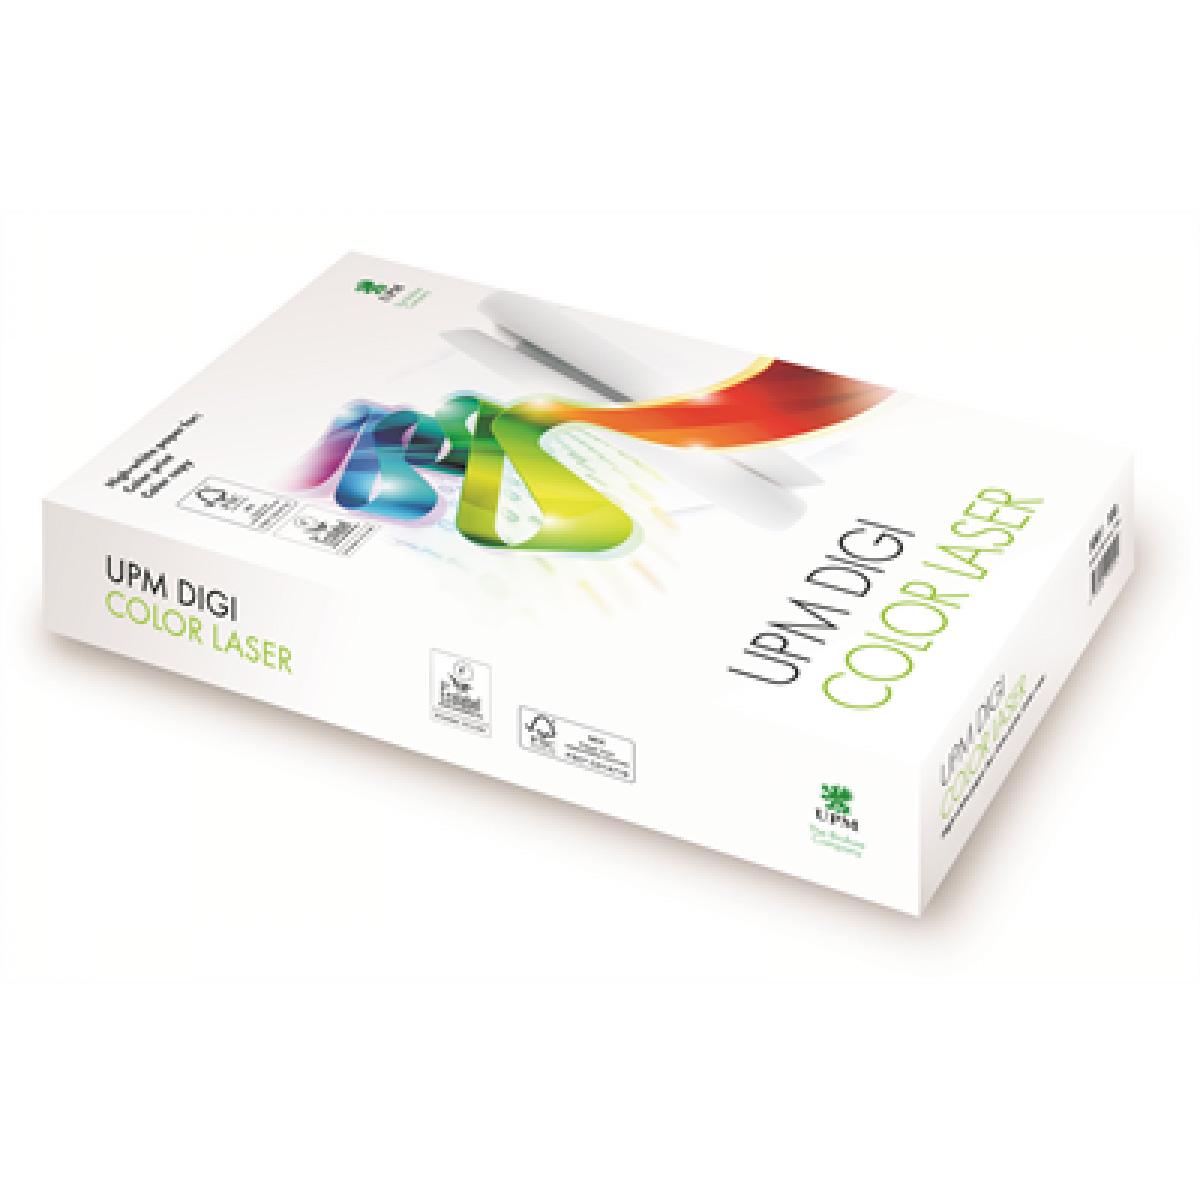 Бумага Digi Color Laser A4 270гр./м2., 125листов UPM - фото 1